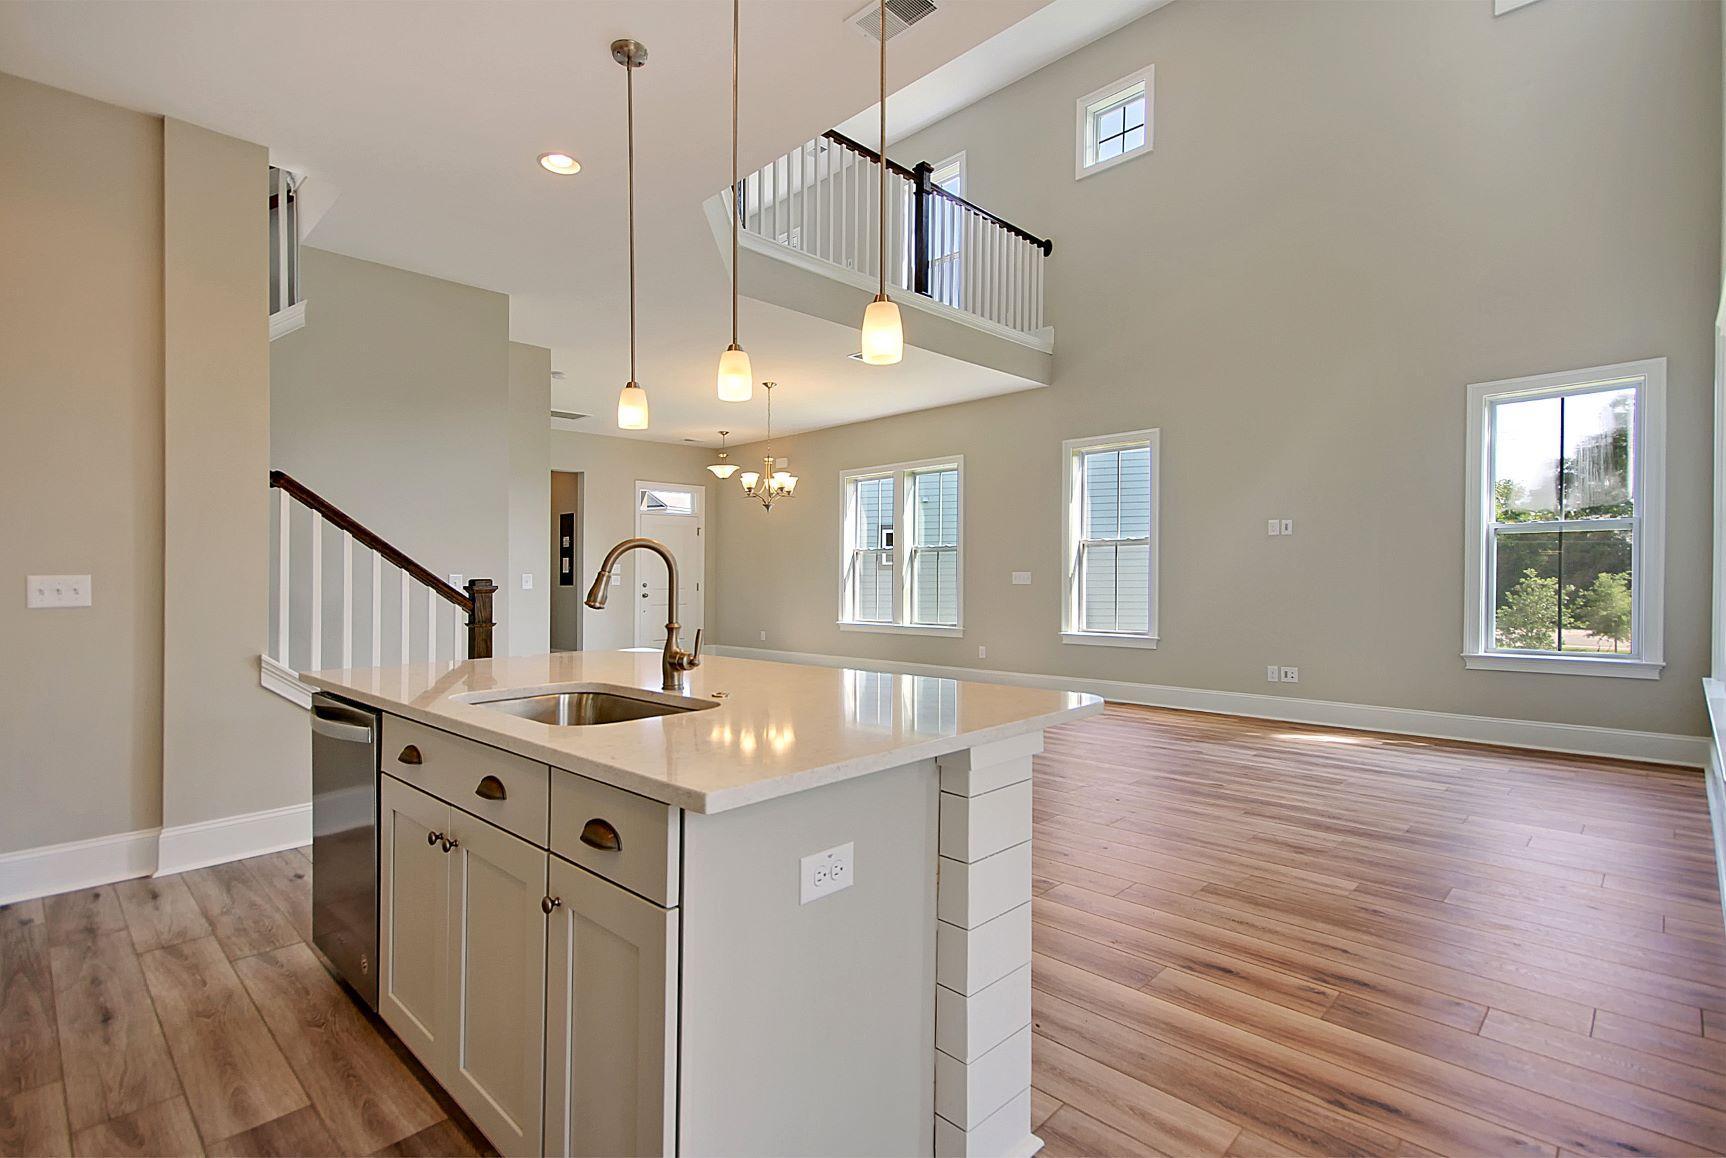 Kings Flats Homes For Sale - 121 Alder, Charleston, SC - 7